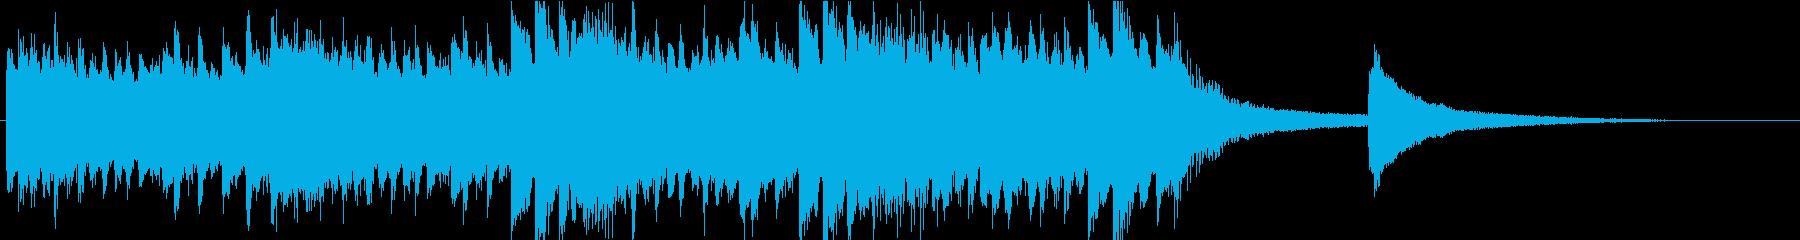 ピアノ、ロゴ、ジングルの再生済みの波形